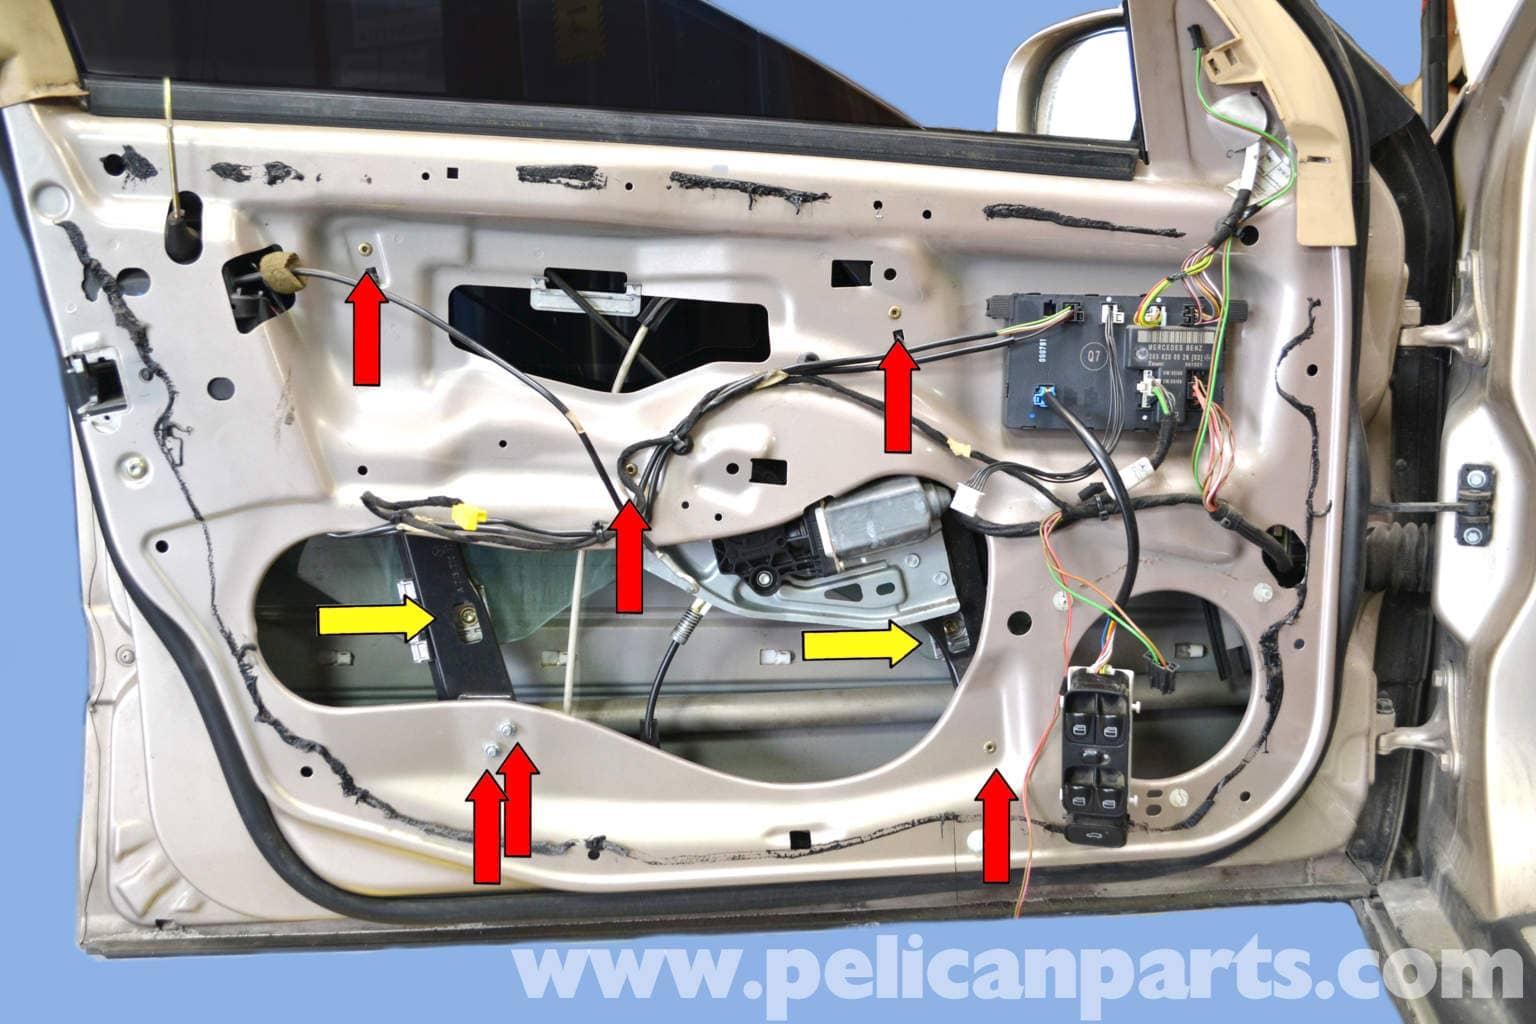 Mercedes benz w203 front window regulator replacement for Replacement parts for mercedes benz